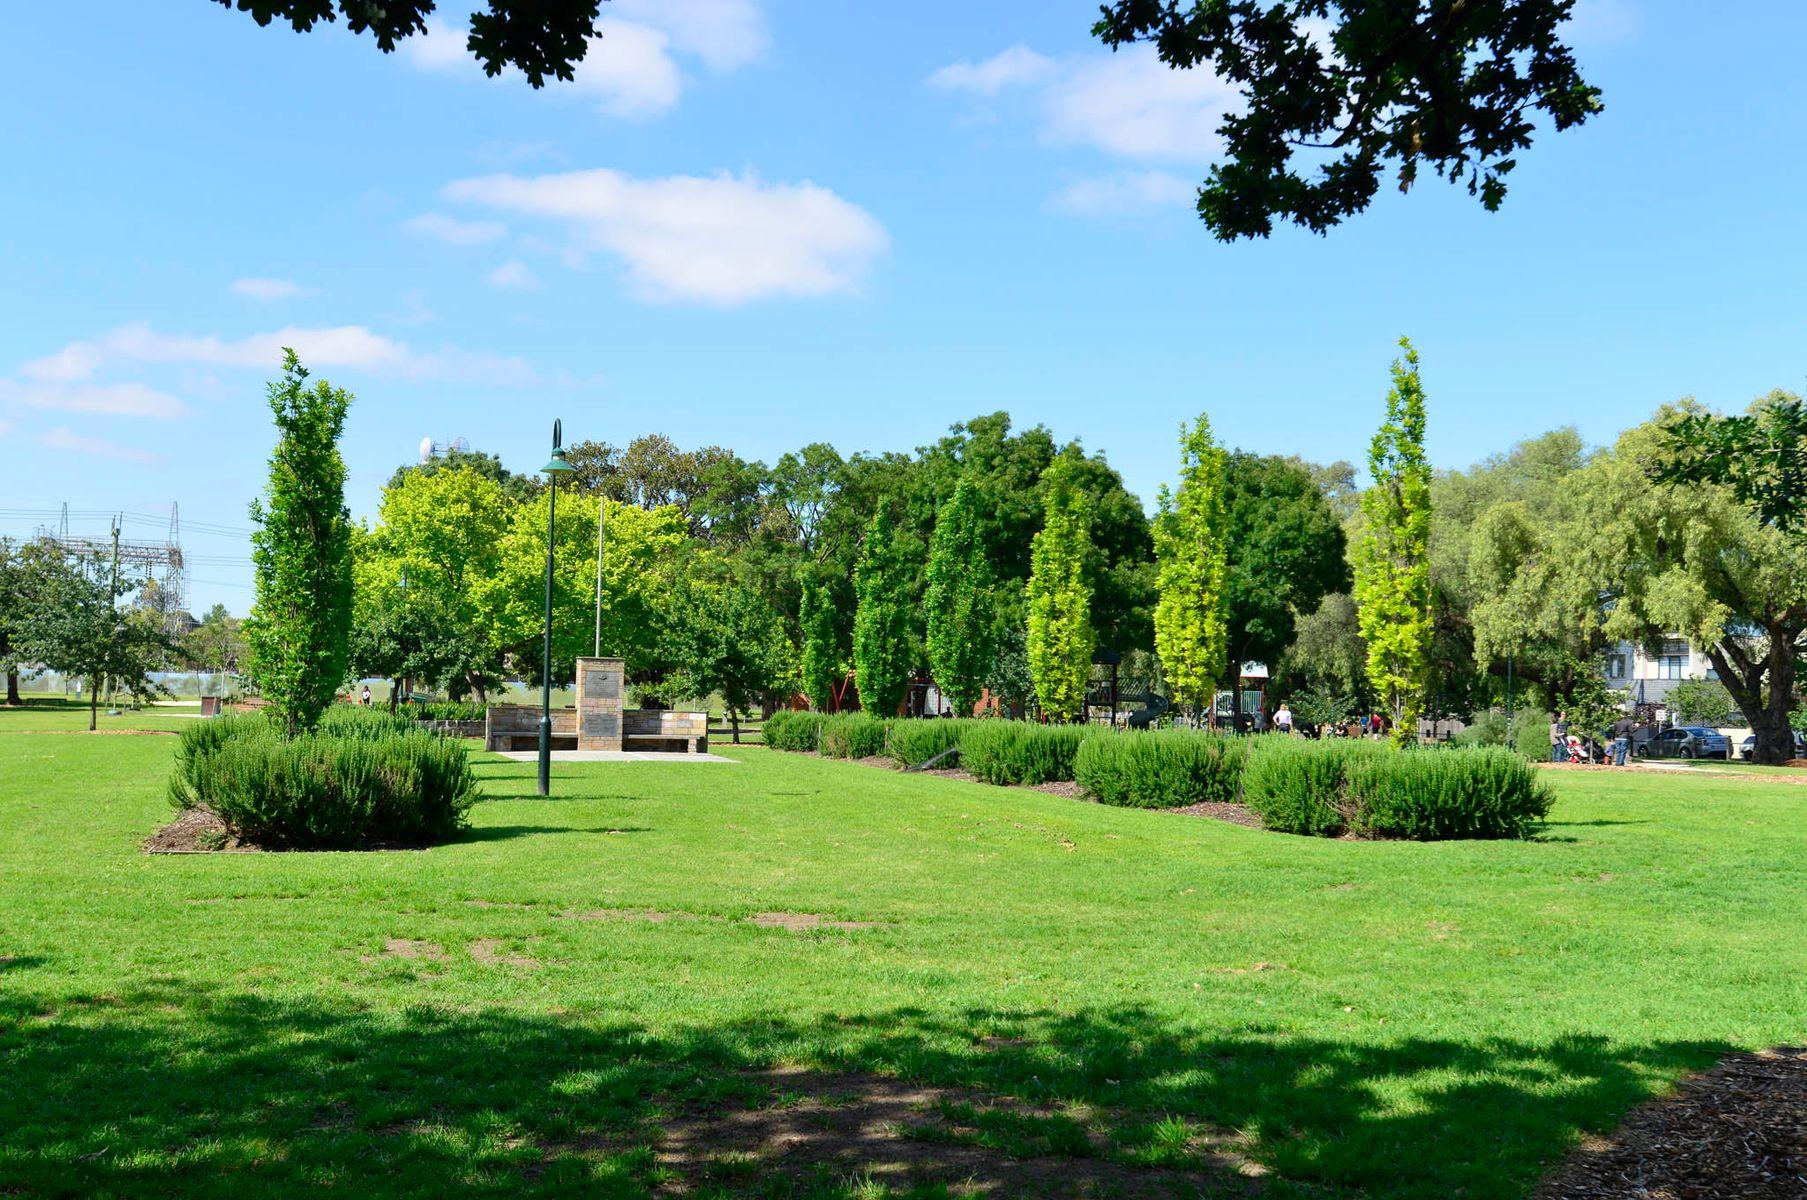 Barkly Gardens